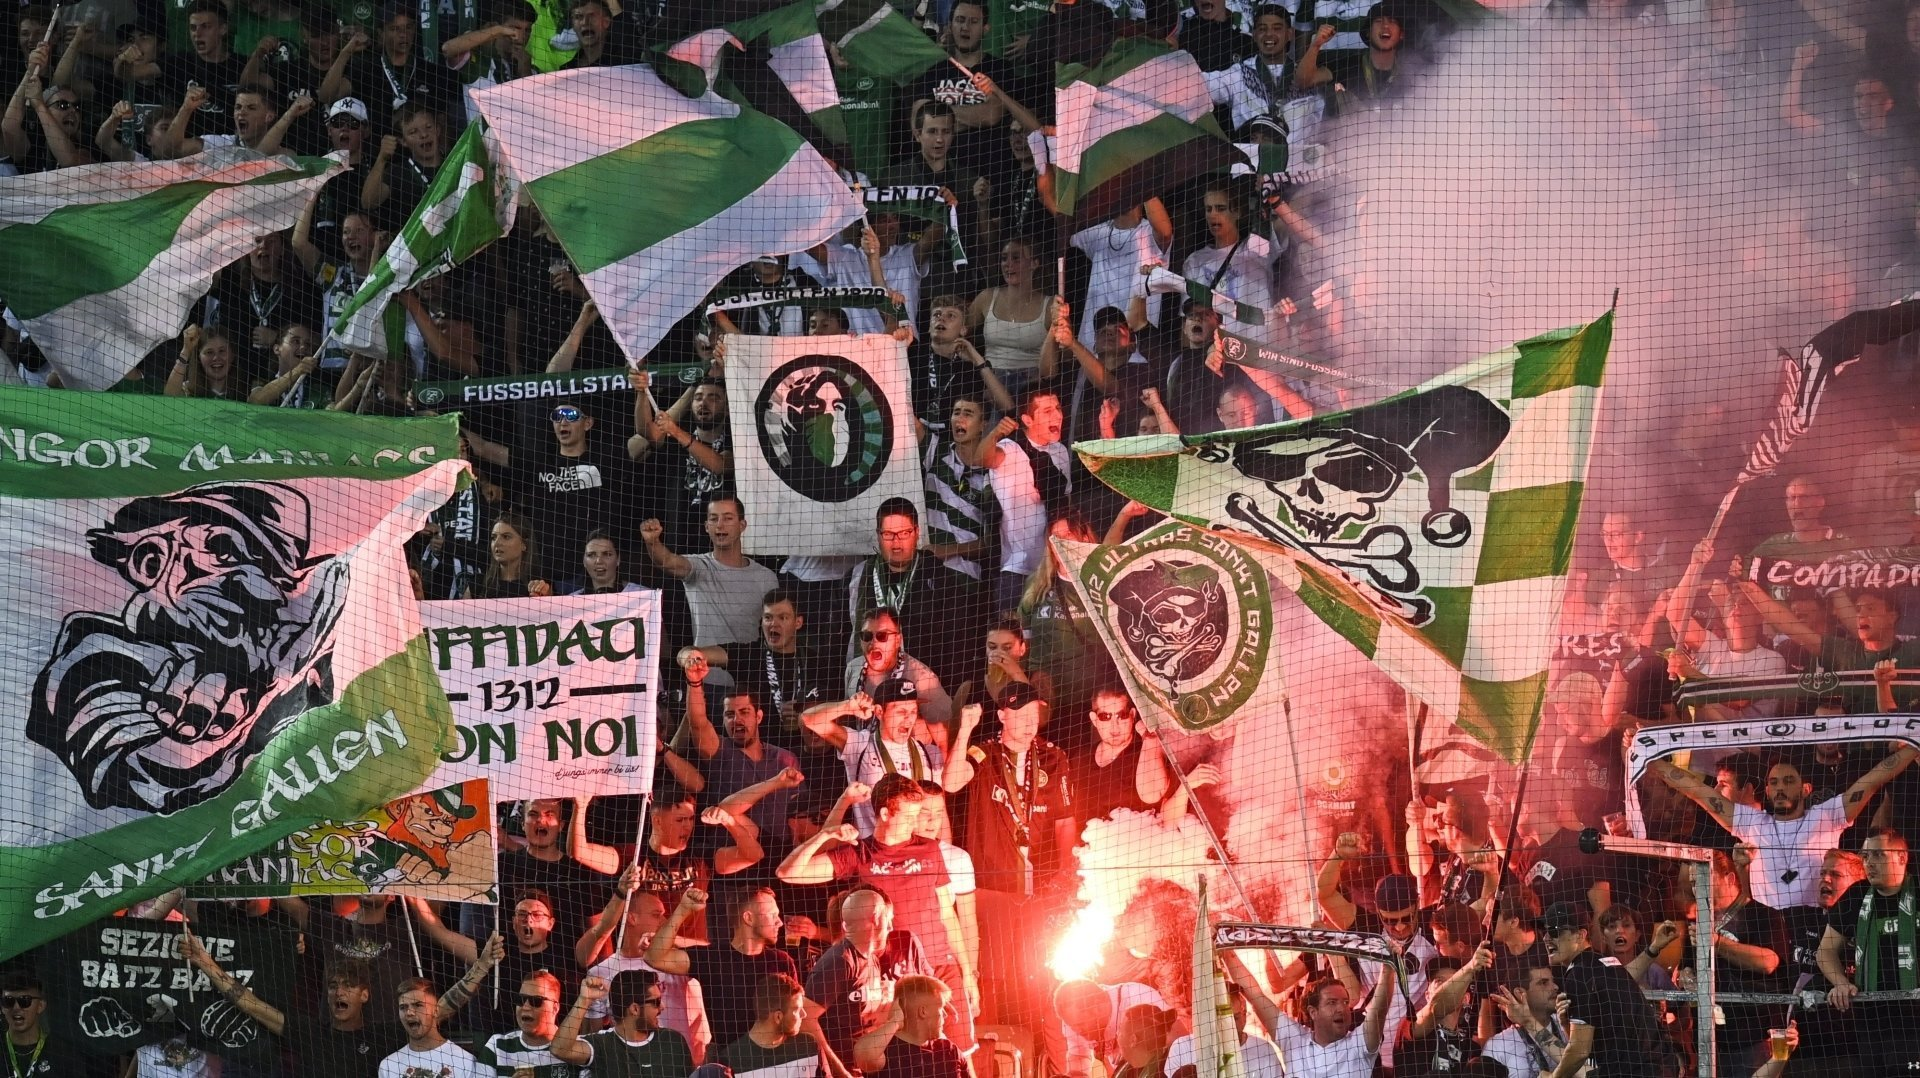 Les fans du FC Saint-Gall dans l'Espenblock durant le mach entre leur équipe et le FC Sion samedi au Kybunpark.